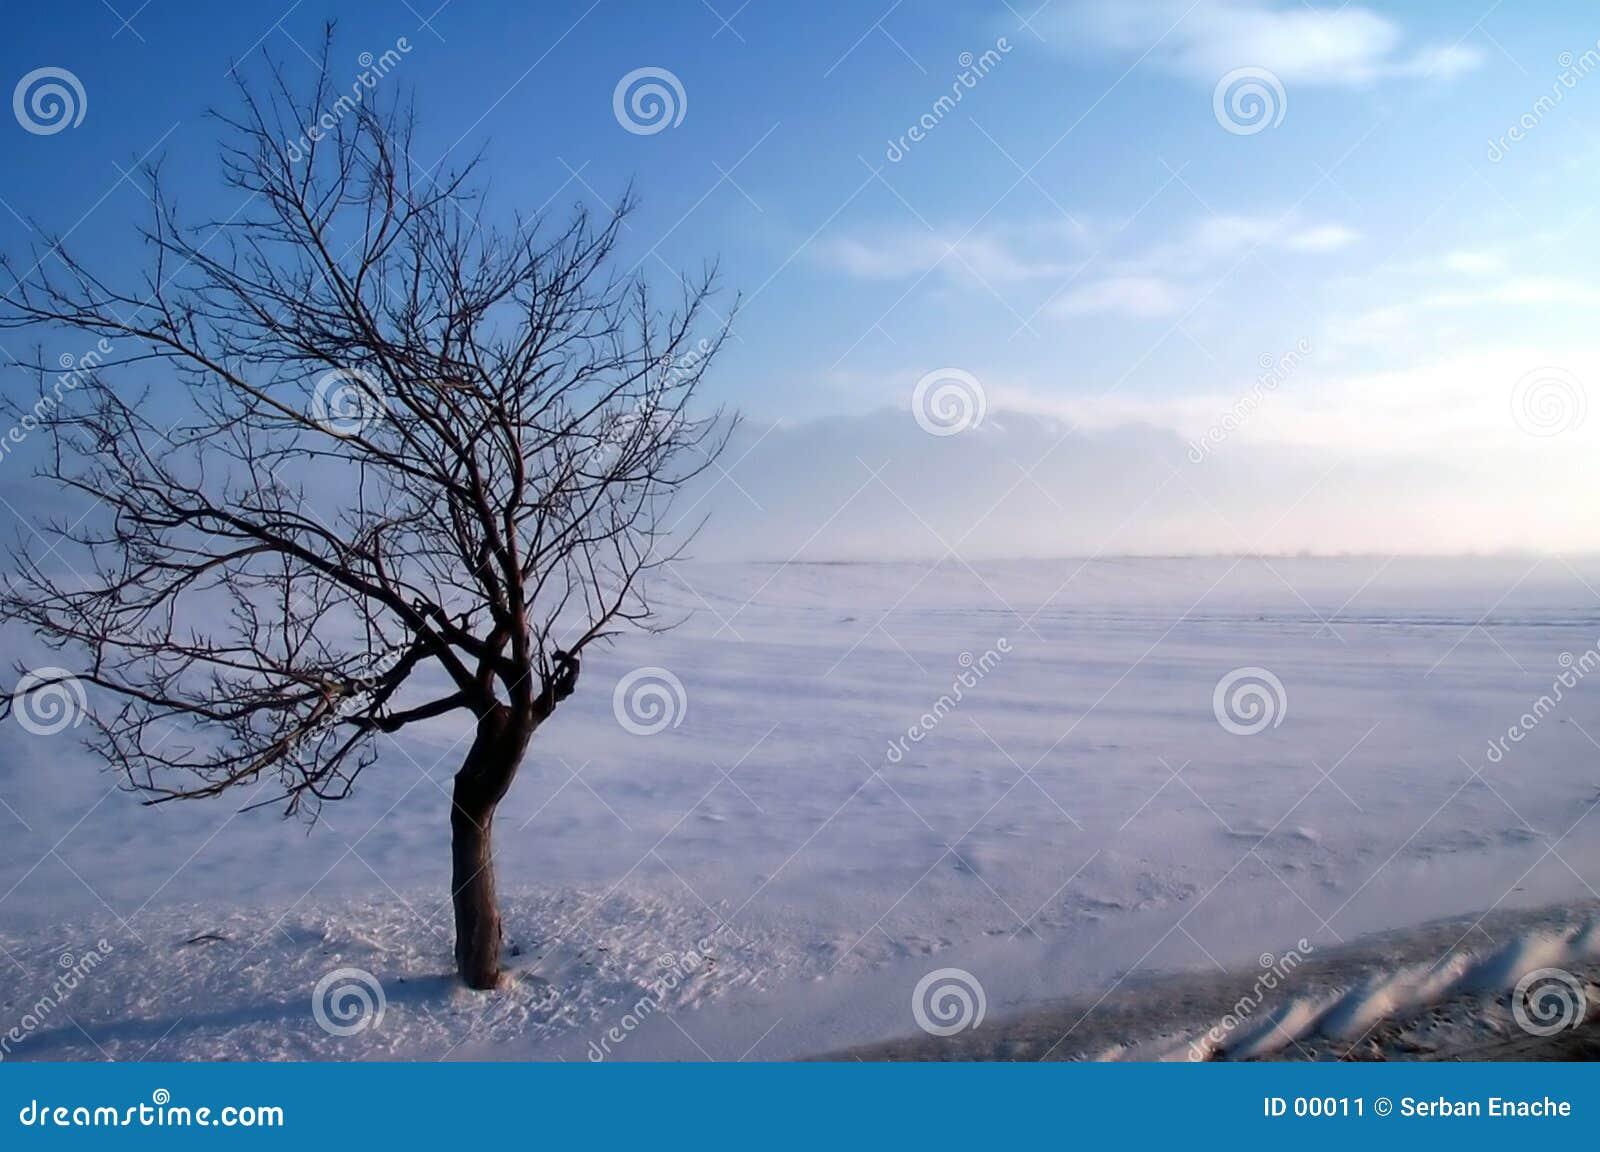 Krab burzy drzewa zima